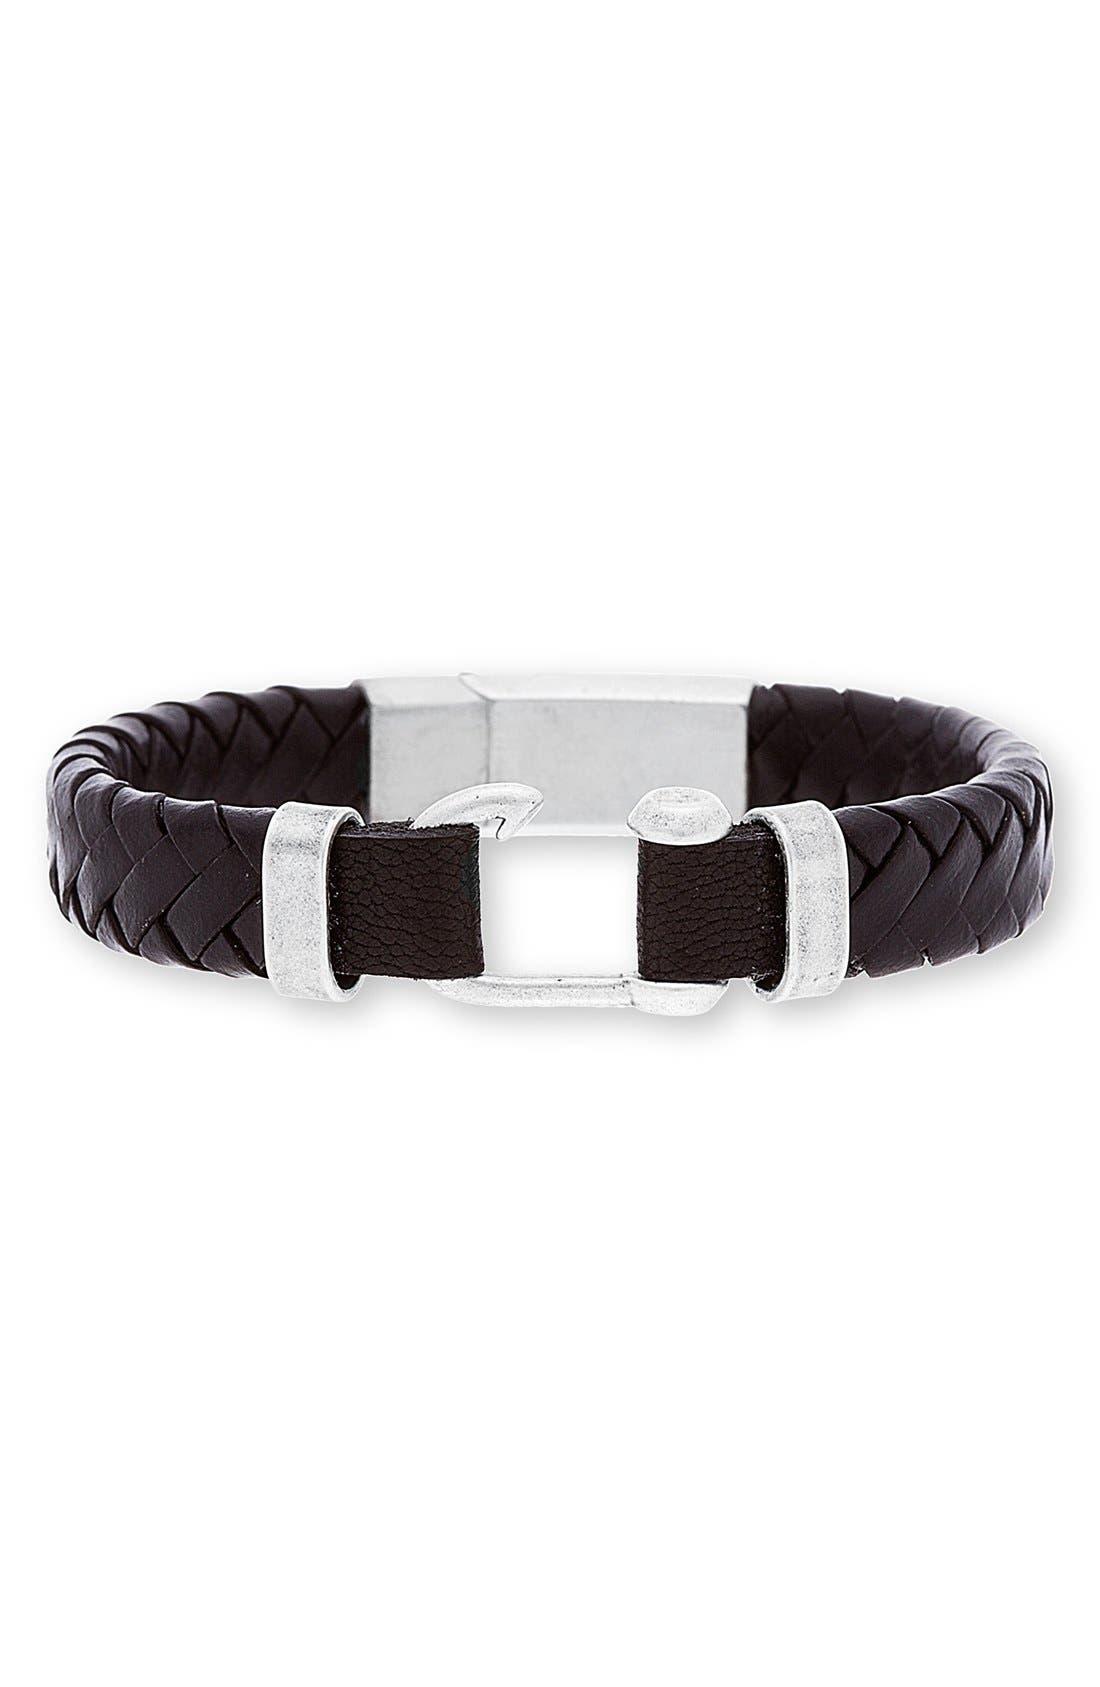 Alternate Image 1 Selected - Steve Madden Braided Leather Bracelet